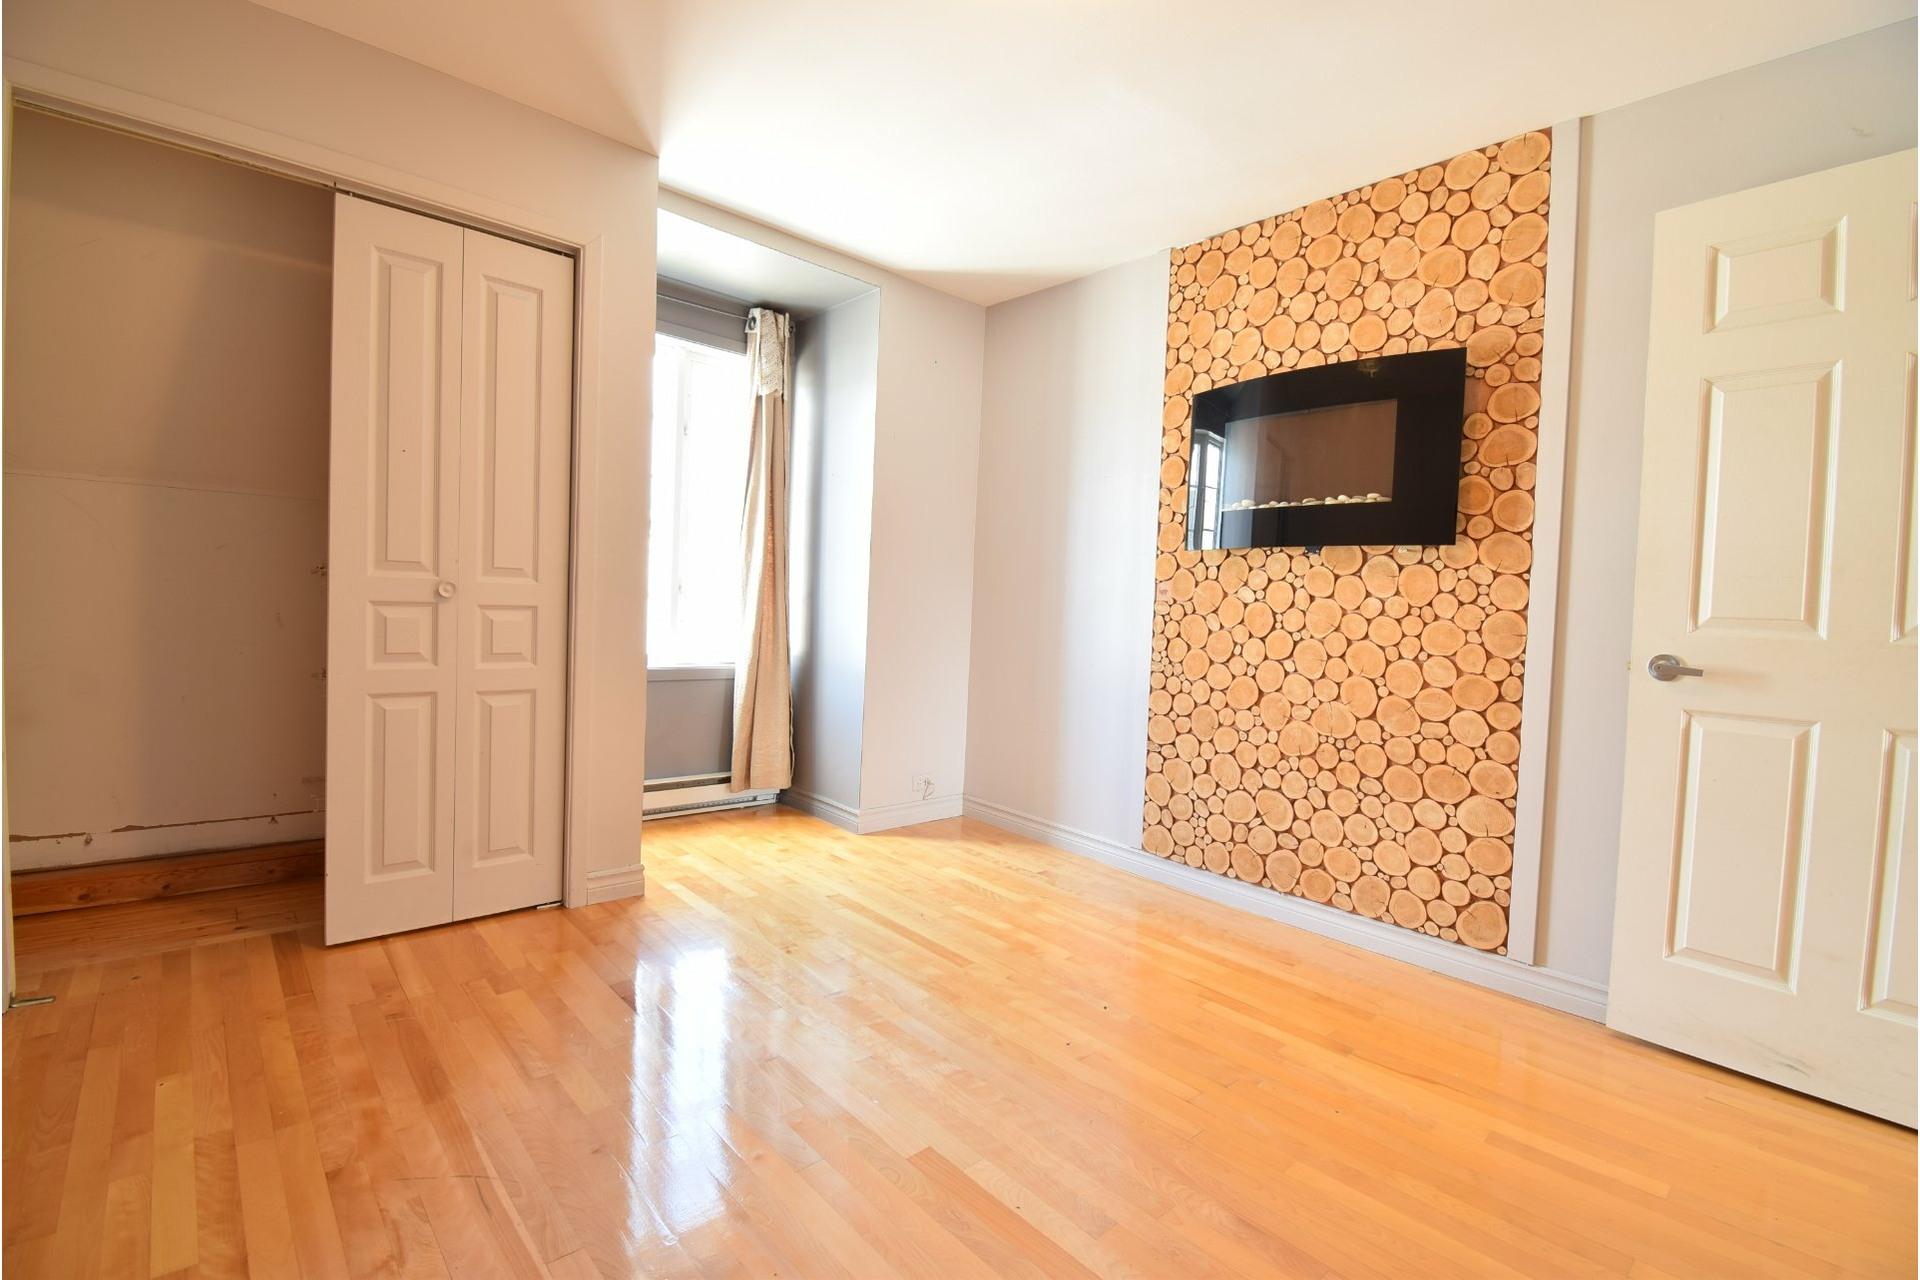 image 30 - Duplex À vendre Trois-Rivières - 4 pièces